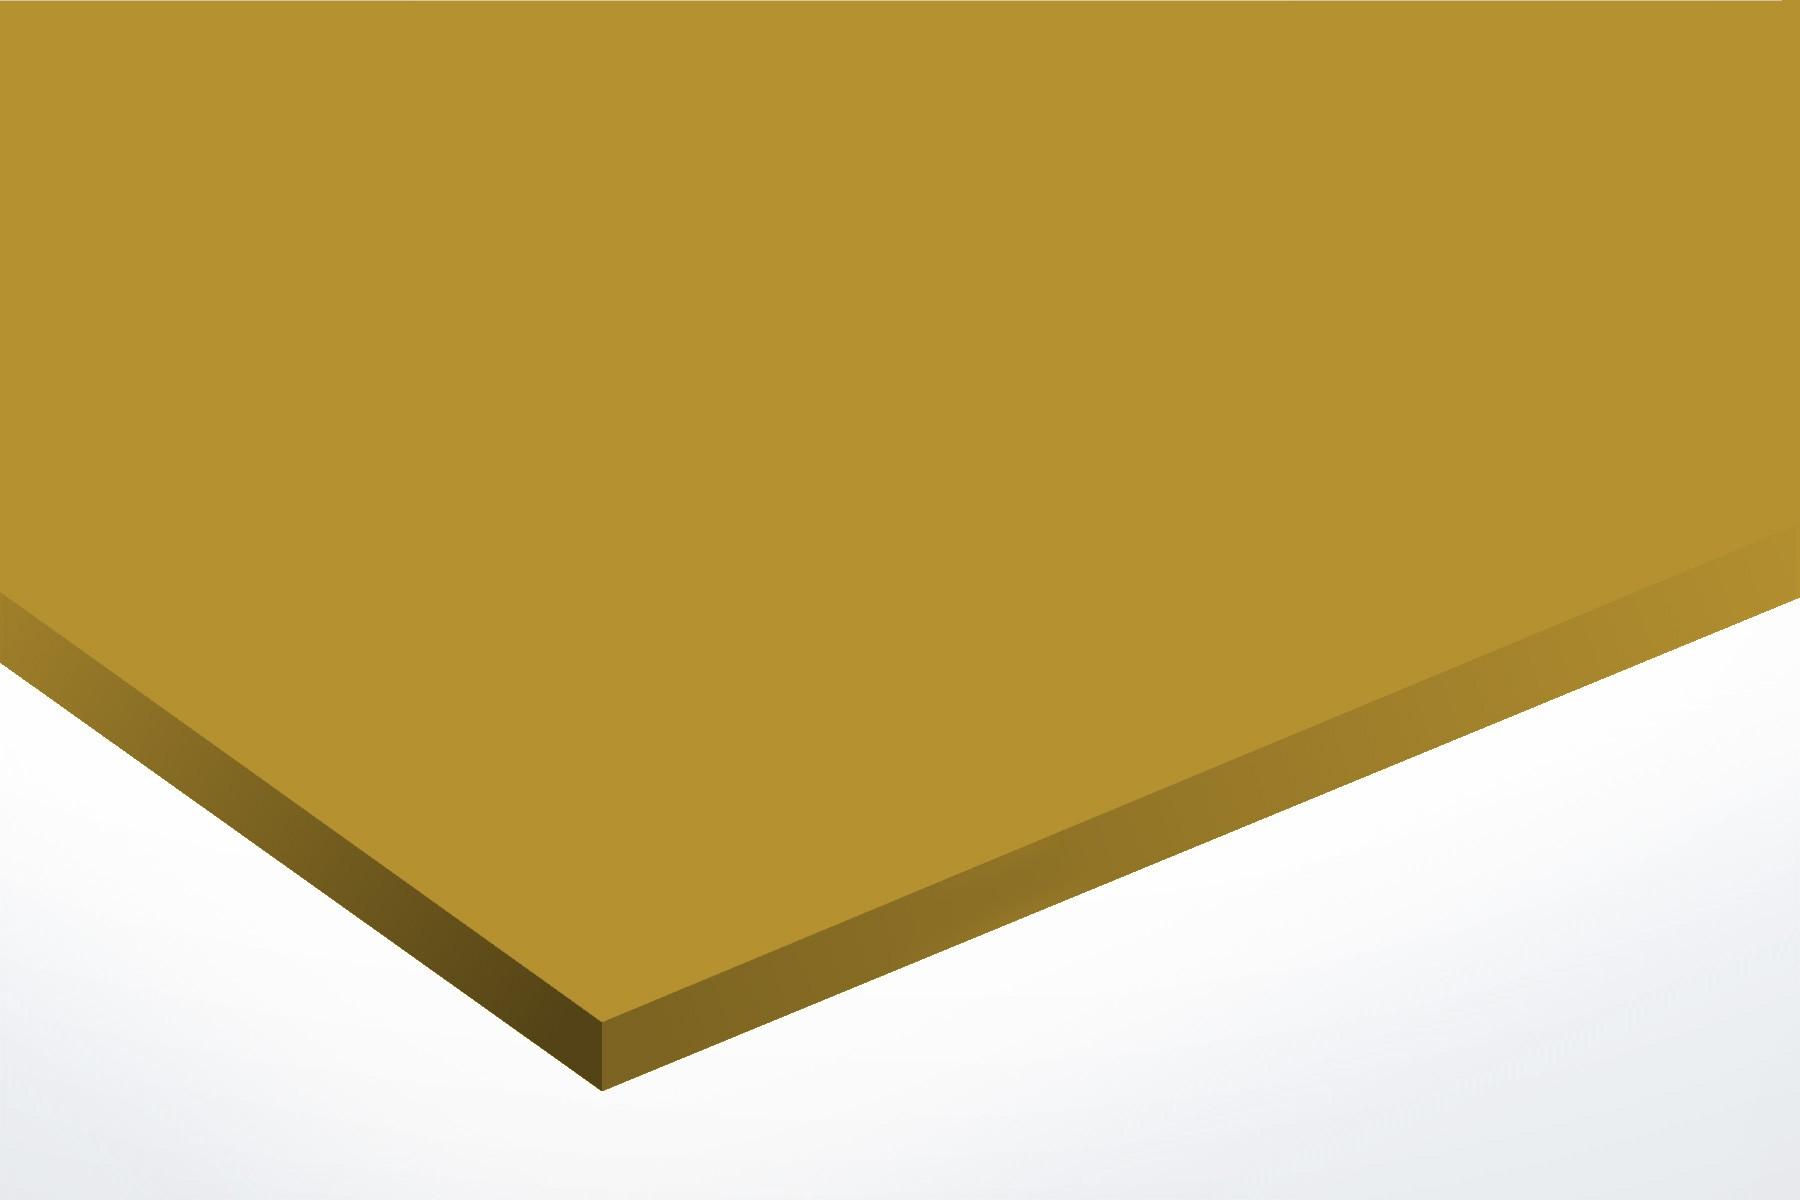 Anodised Aluminium Gold, Matt, 1mm x 1000mm x 500mm